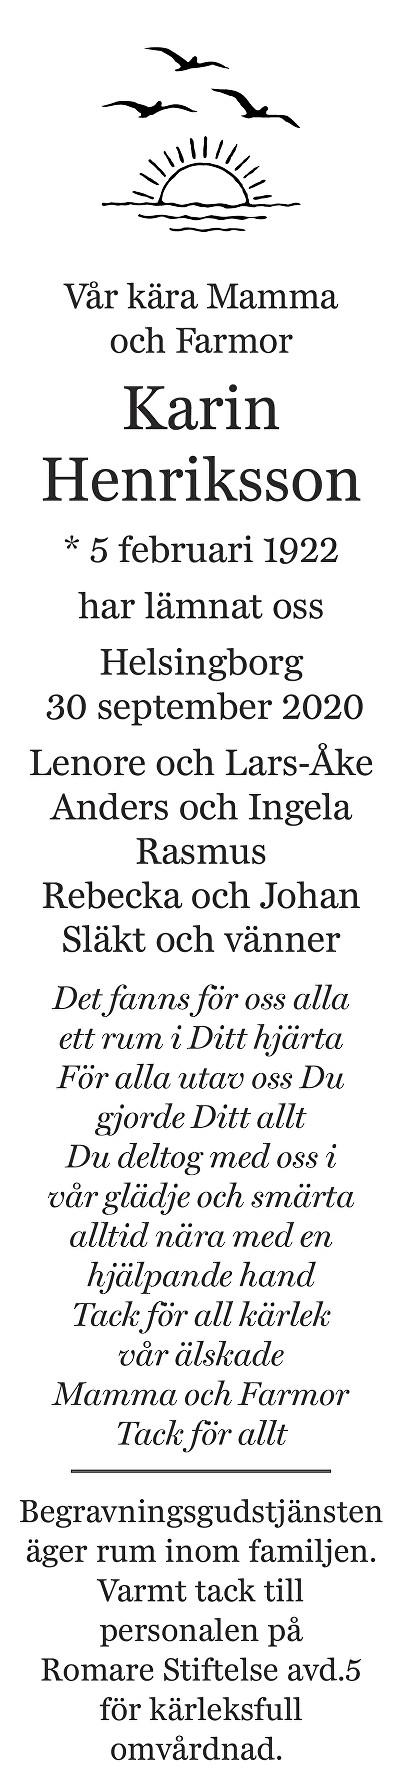 Karin Henriksson Death notice